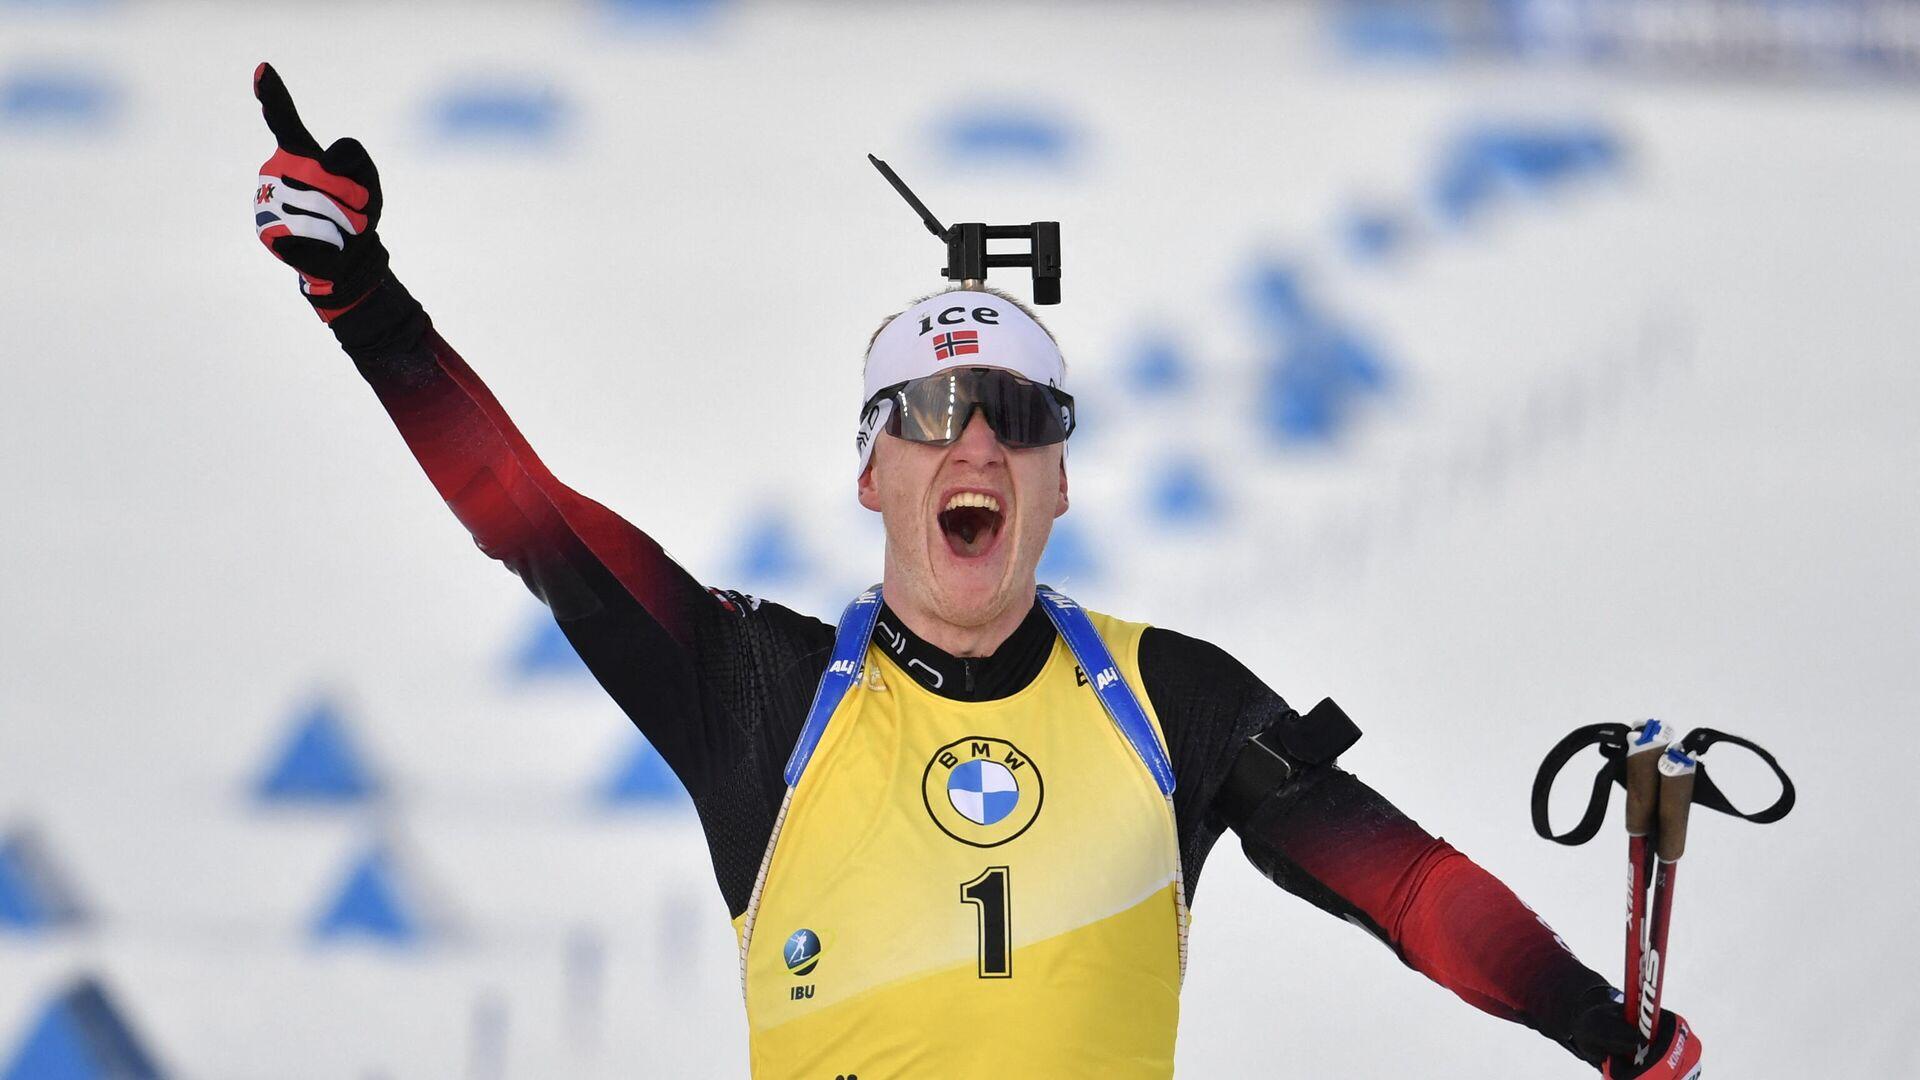 Йоханнес Бё на финише заключительной гонки сезона-2020/2021 - РИА Новости, 1920, 21.03.2021